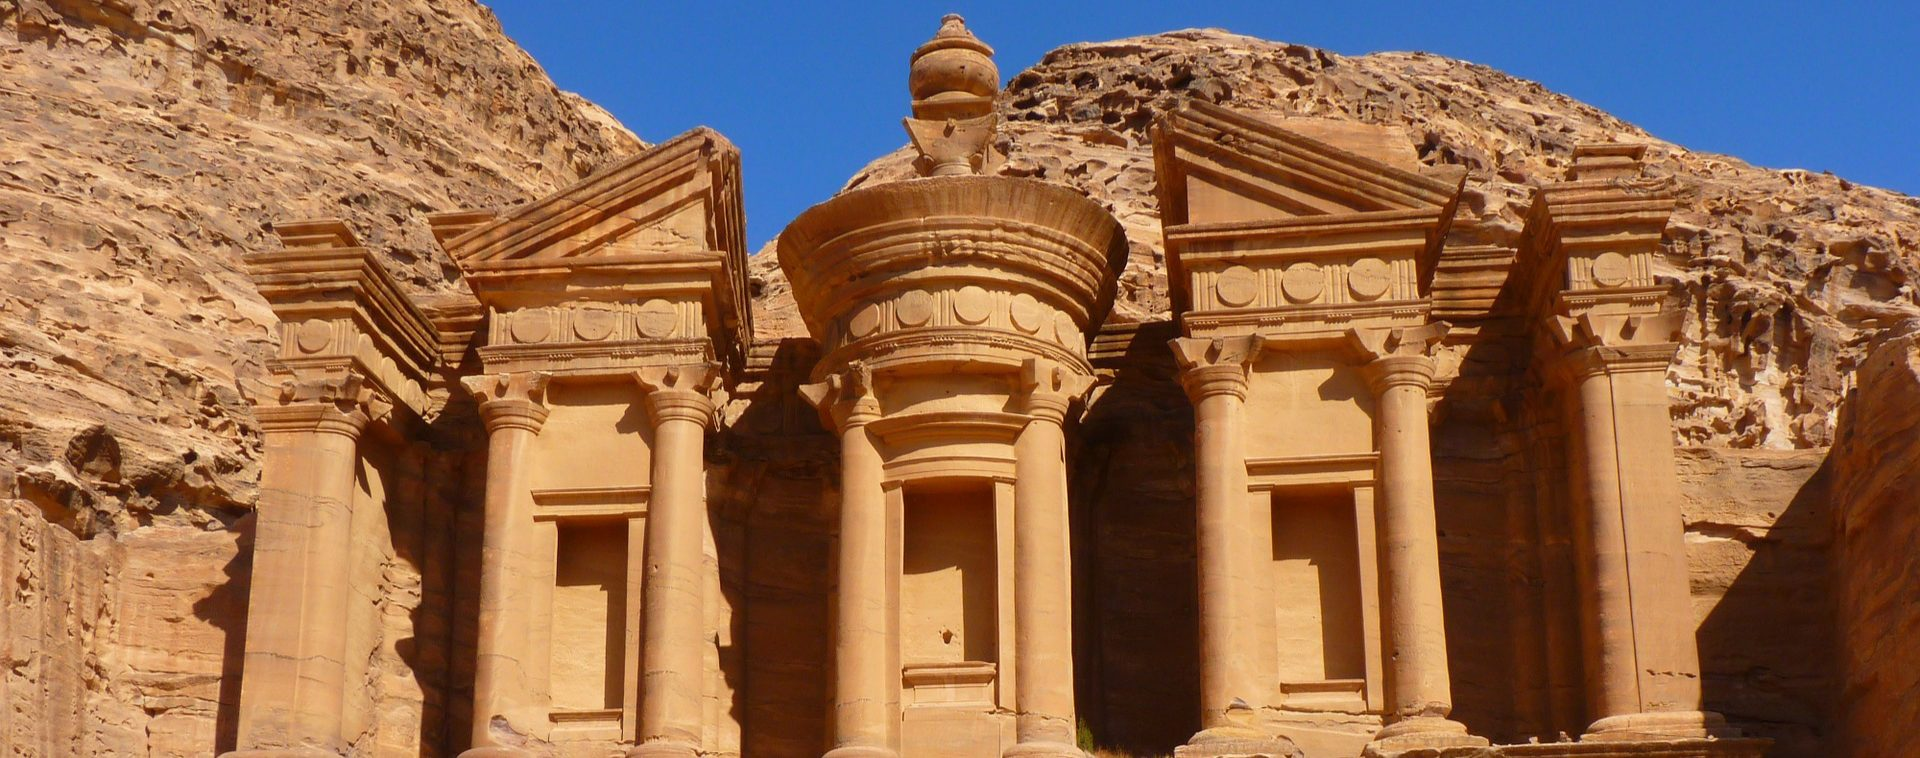 Jordanie - Les Matins du Monde